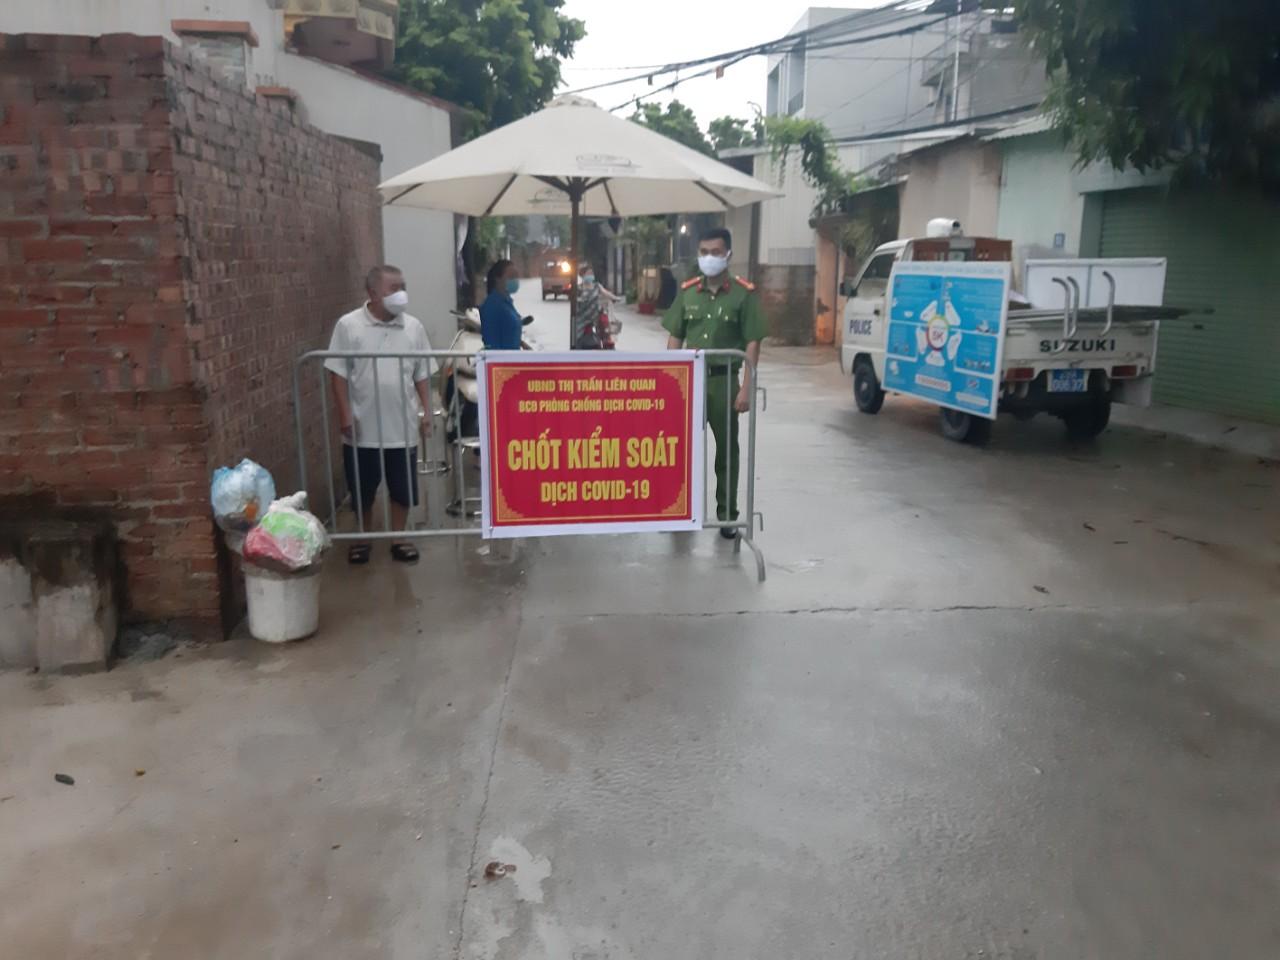 Chốt kiểm soát dịch bệnh tại thị trấn Liên Quan, huyện Thạch Thất.